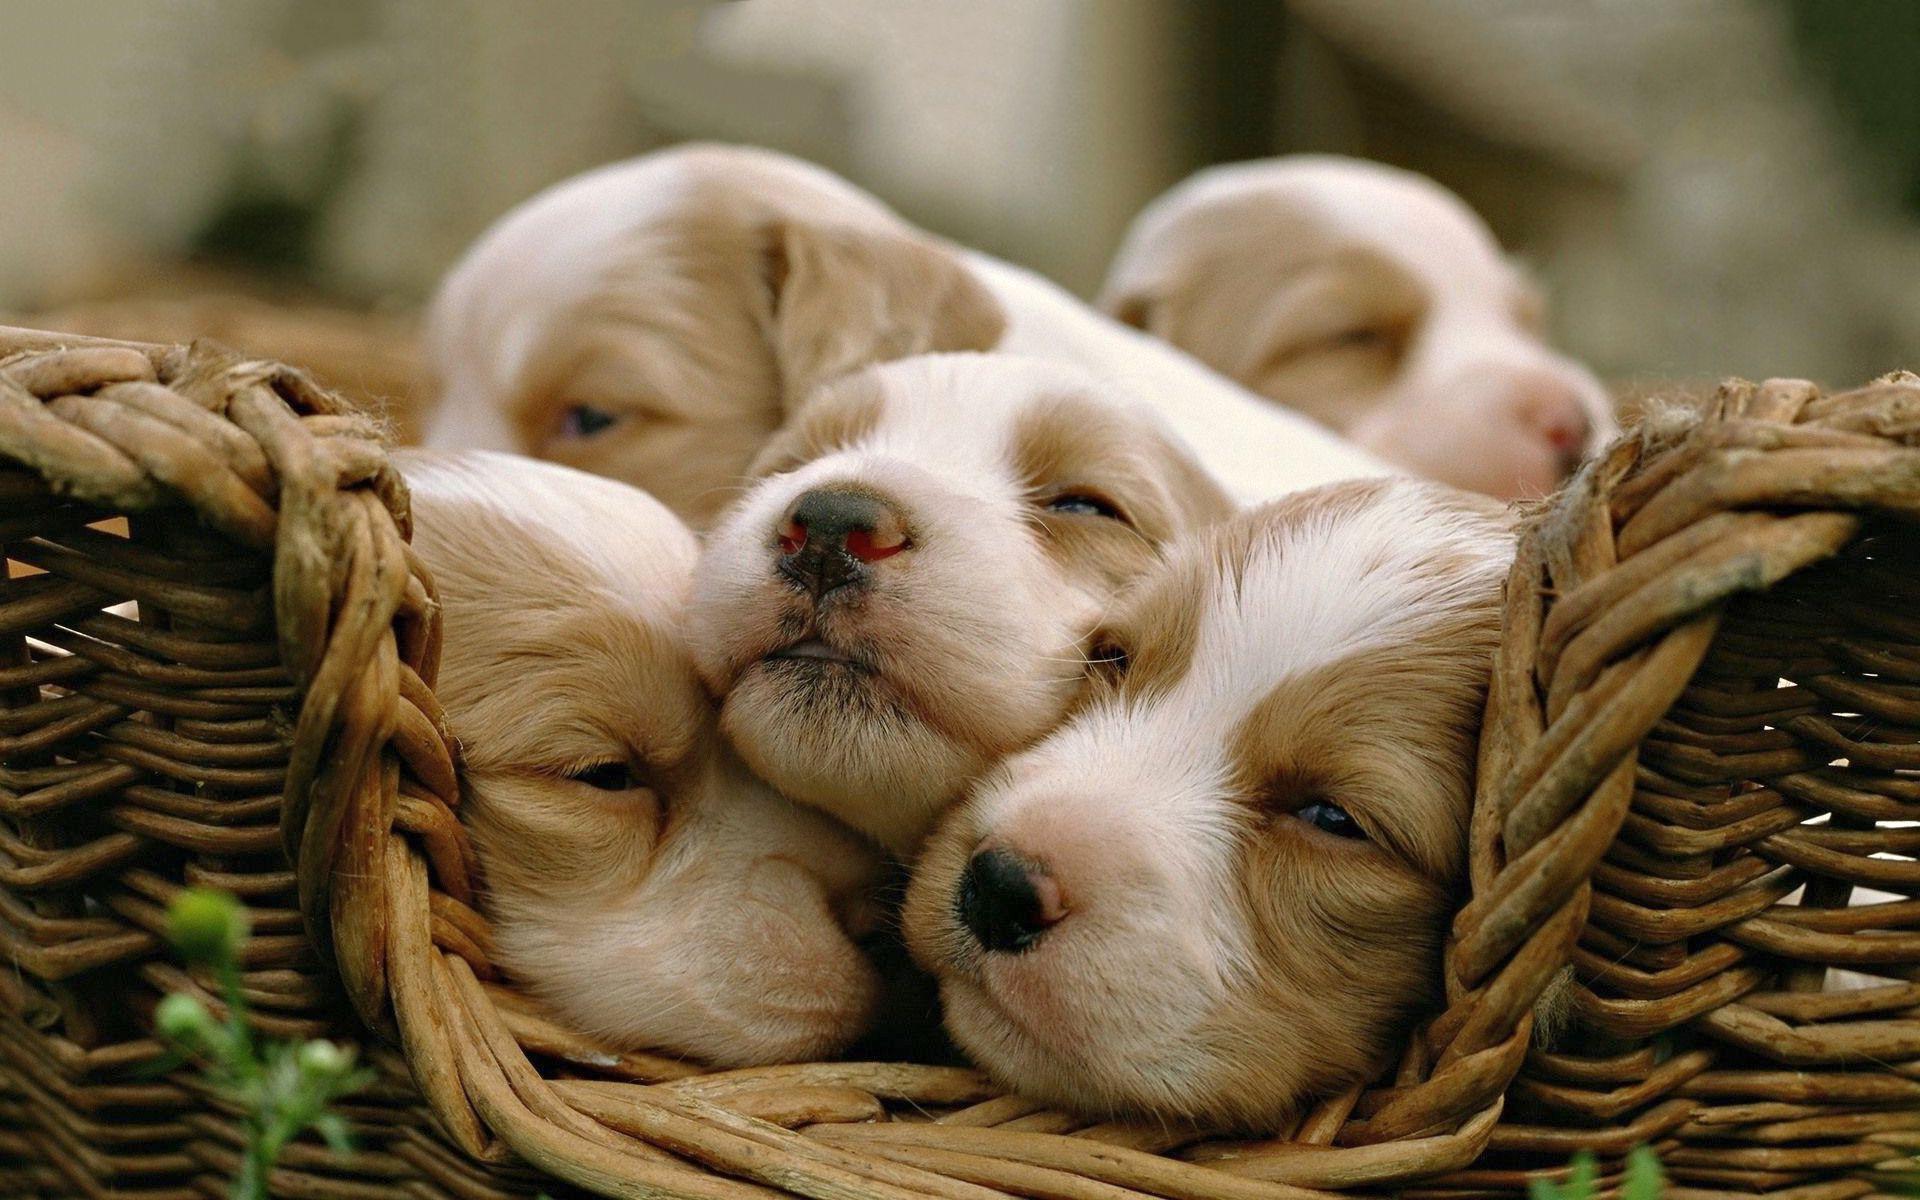 Sleepy Puppies Wallpapers